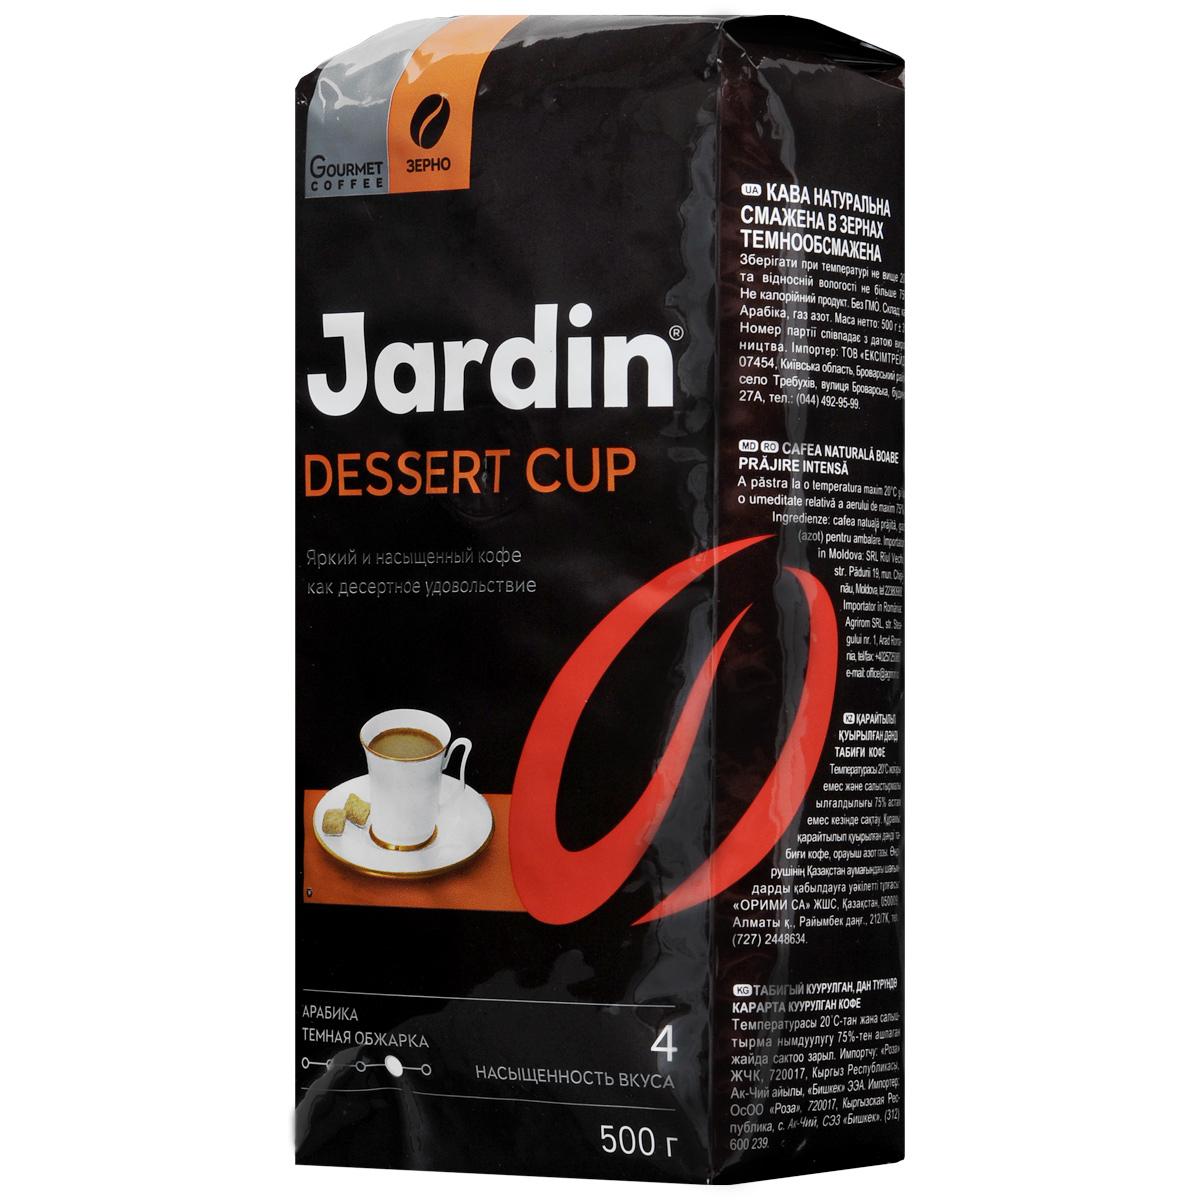 Jardin Dessert Cup кофе в зернах, 500 г101246Кофе в зернах Jardin Dessert Cup обладает многогранным сложным вкусом, наполненным интенсивной сладостью великолепного десерта.В этом бленде сочетаются пять сортов Арабики, выращенных на разных плантациях - Эфиопия Сидамо, Суматра Мандхелинг, Гватемала, Коста-Рика и Колумбия Супремо.